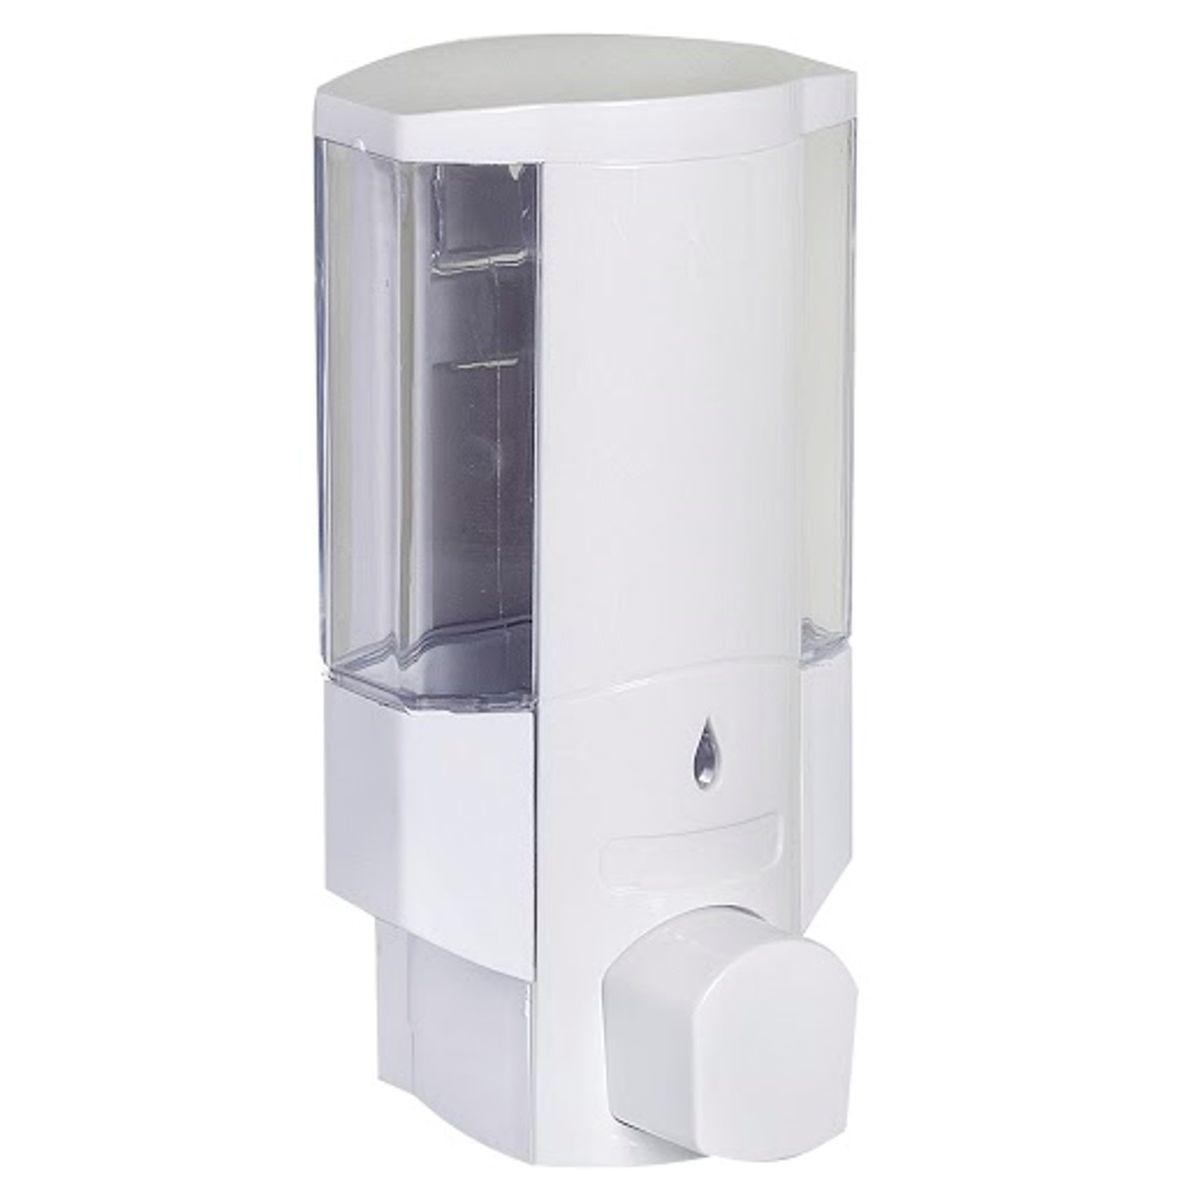 Диспенсер для жидкого мыла Vanstore, 380 млSWP-0700WH-AНастенный диспенсер для жидкого мыла Vanstore изготовлен из прочного пластика с прозрачным окошком. Надежен и удобен в использовании. Крепится на шурупах (в комплекте). Подходит как для домашнего, так и для профессионального использования.